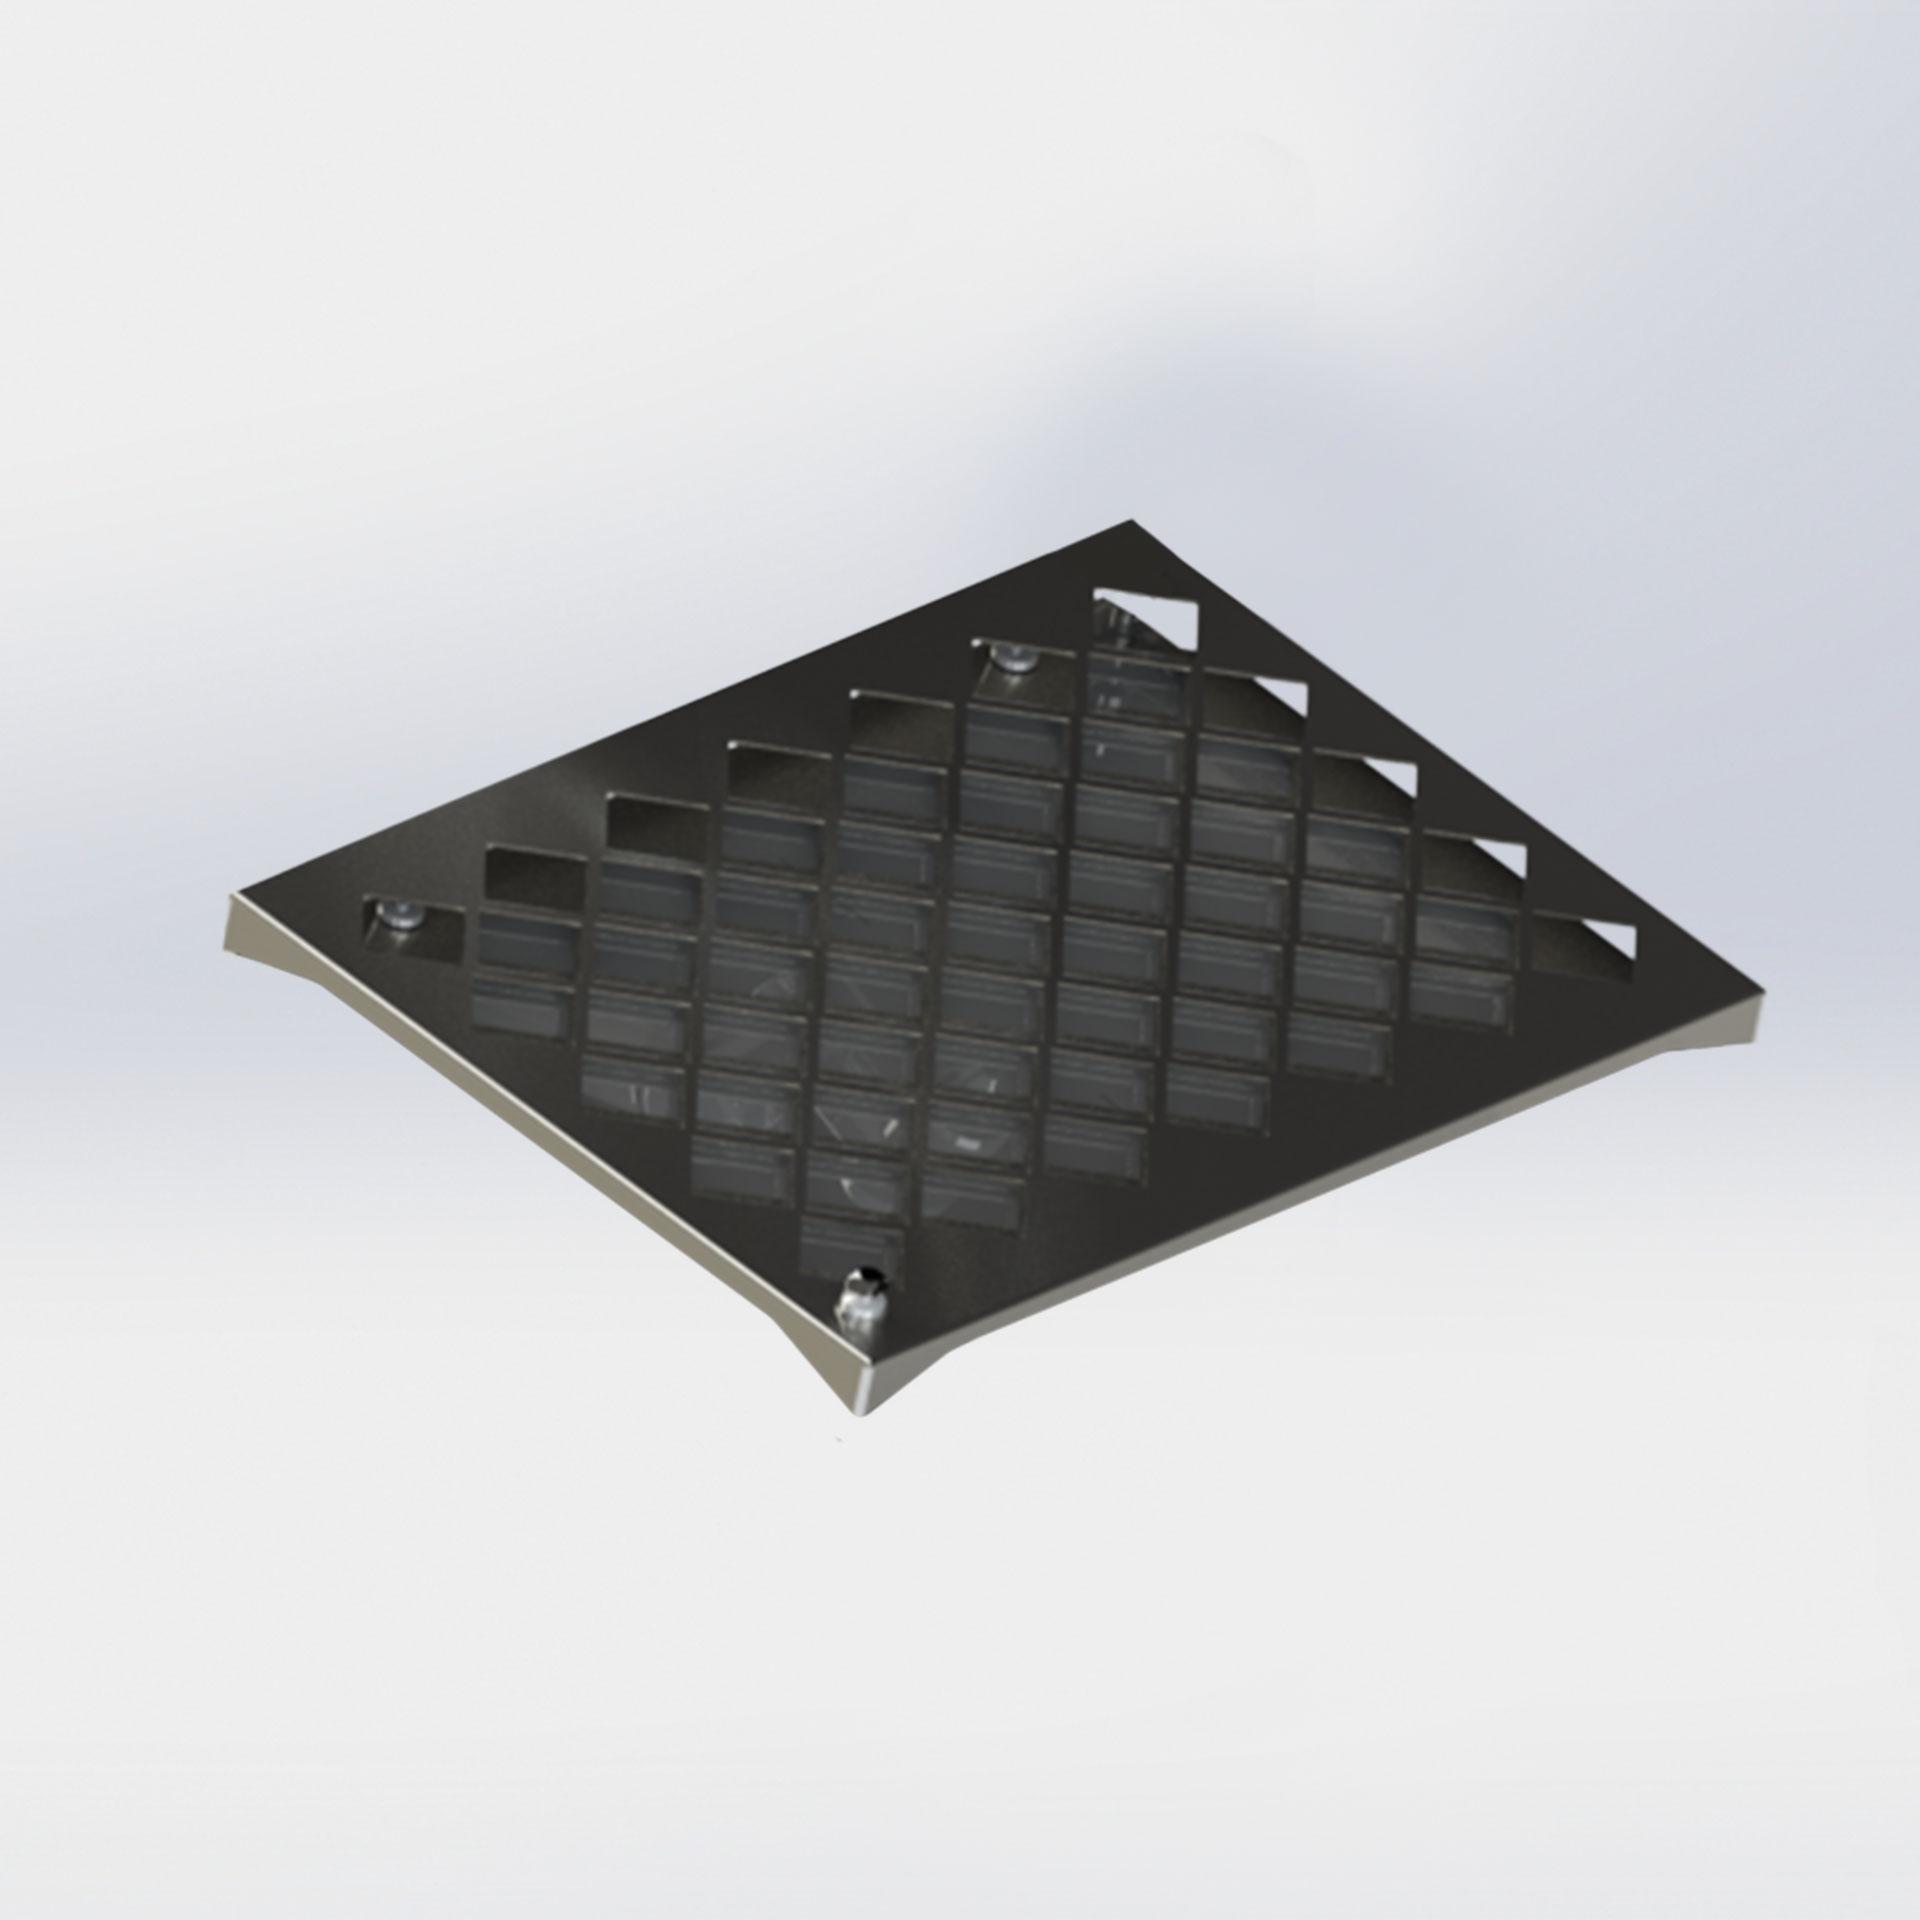 Werkstückraster für das Flex Load System